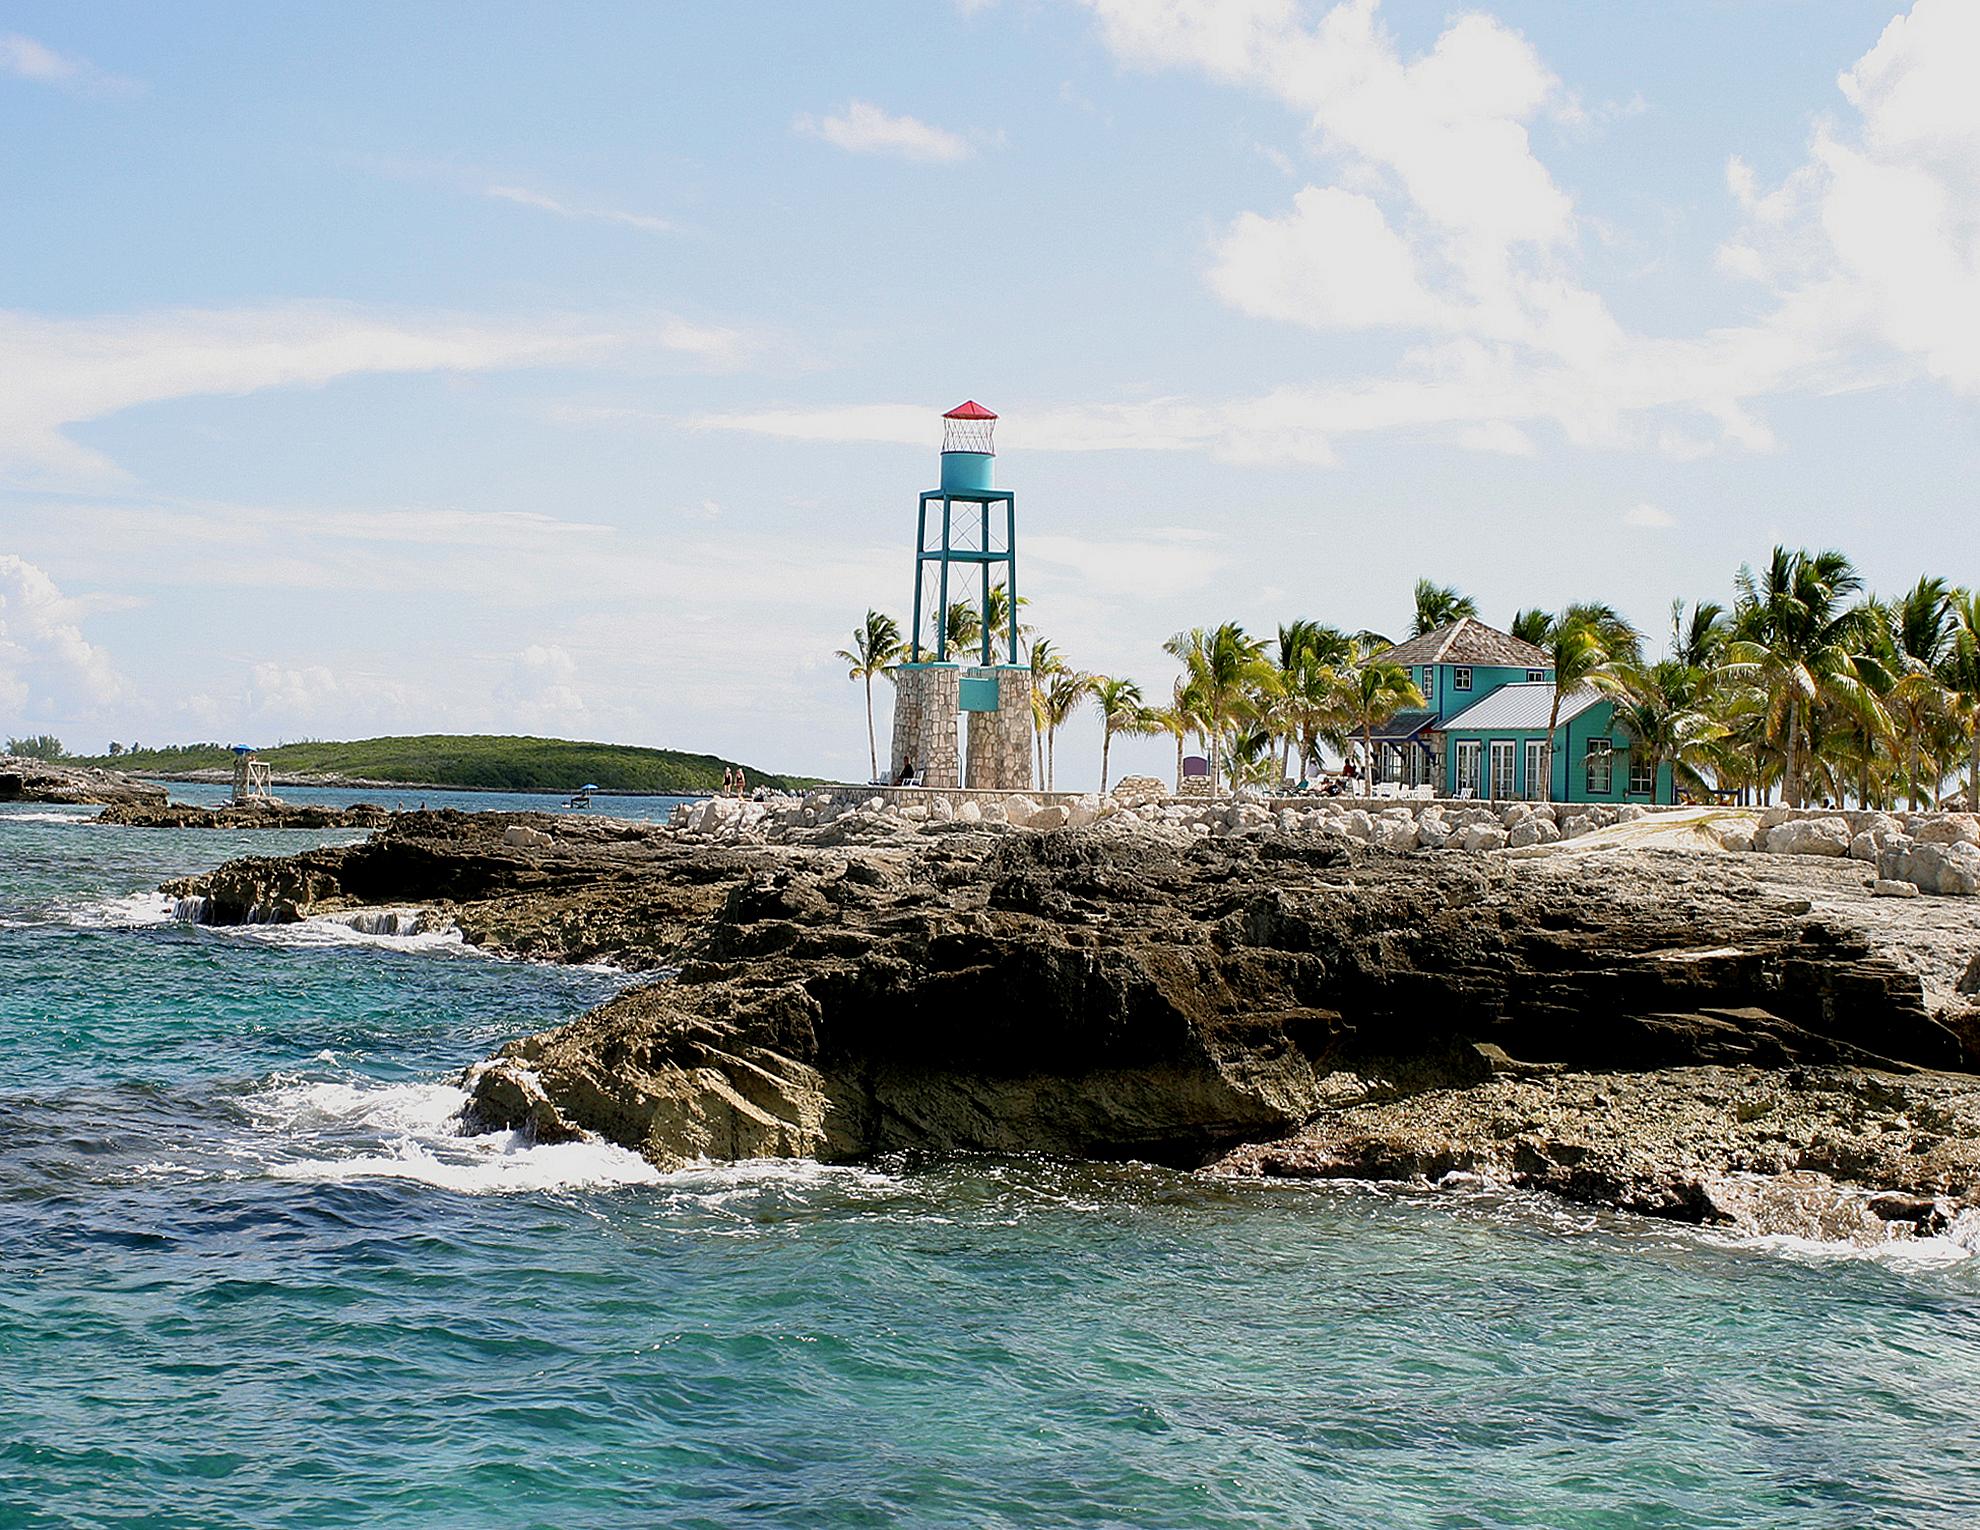 bahamaisl.jpg